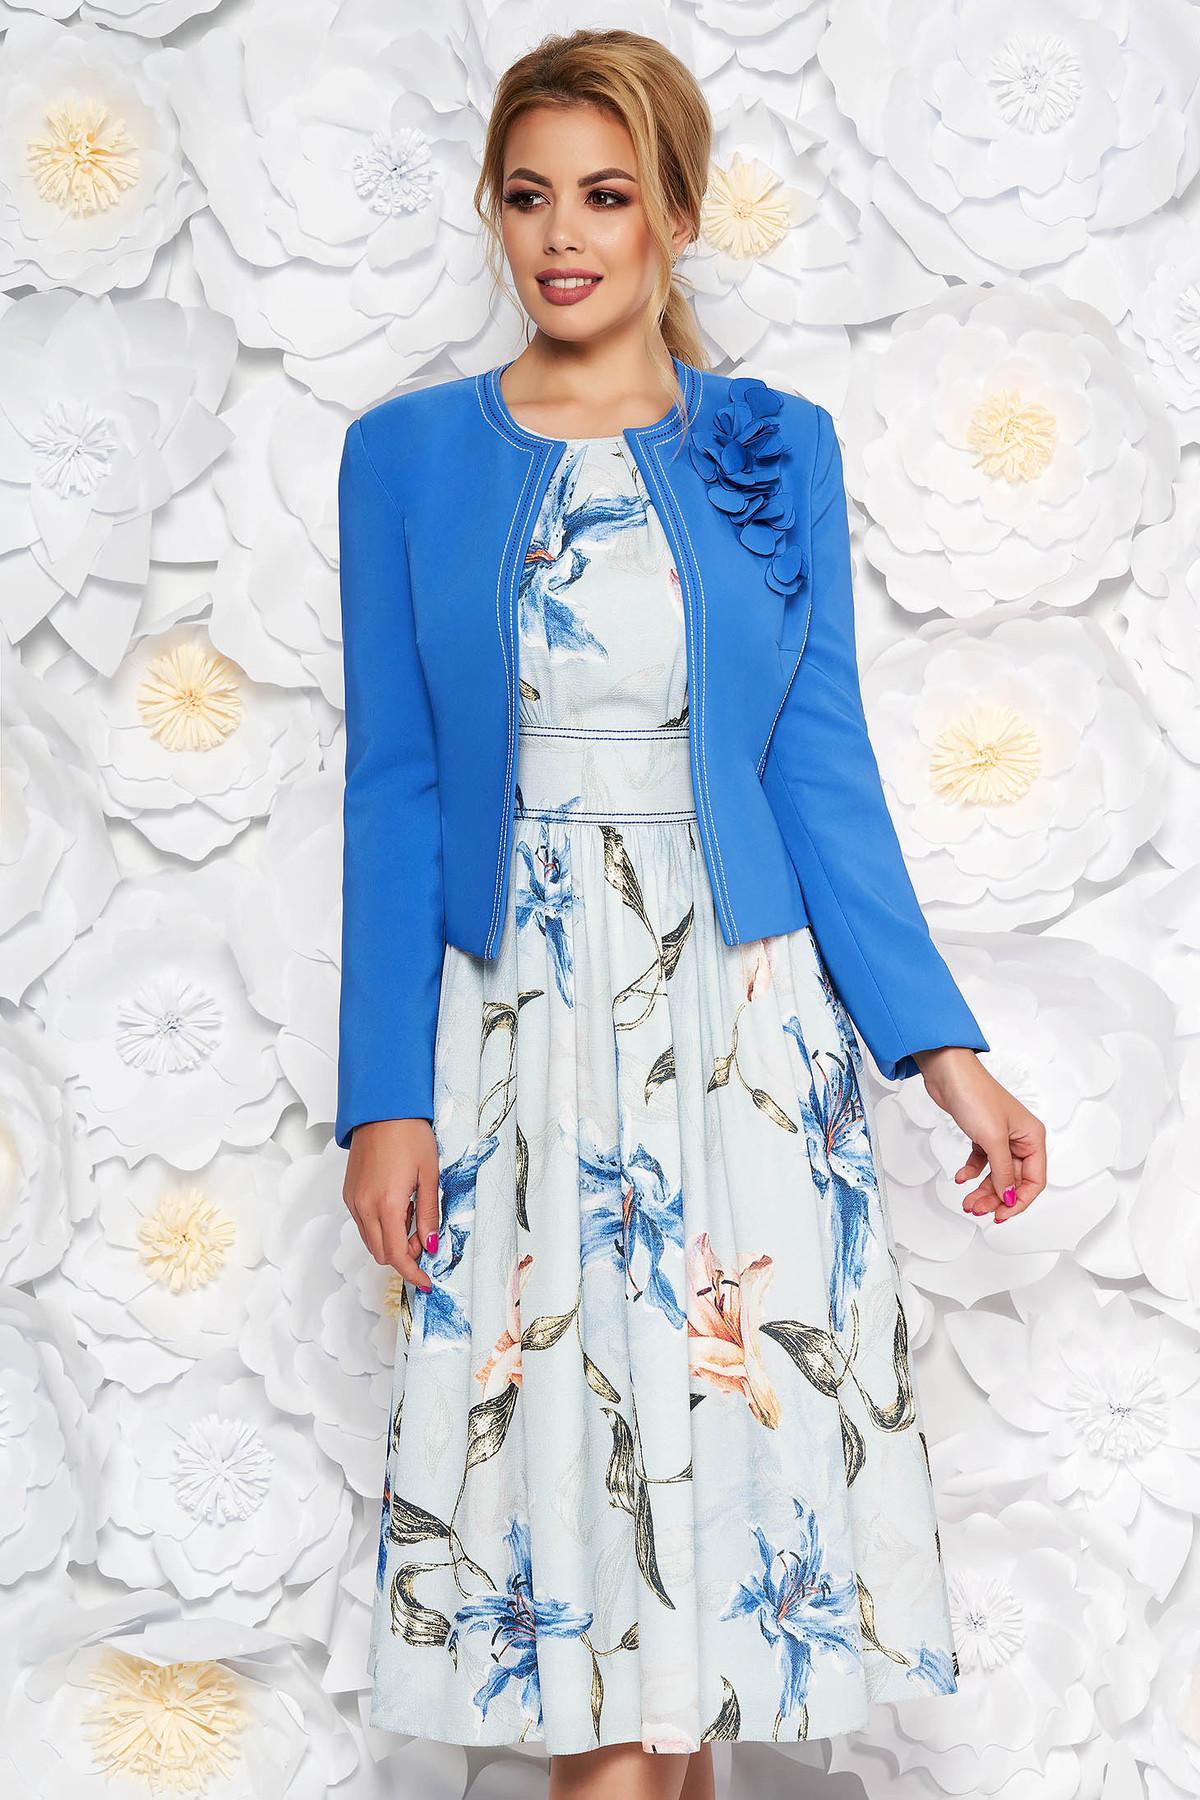 Compleu LaDonna albastru elegant din 2 piese cu rochie cu imprimeu floral